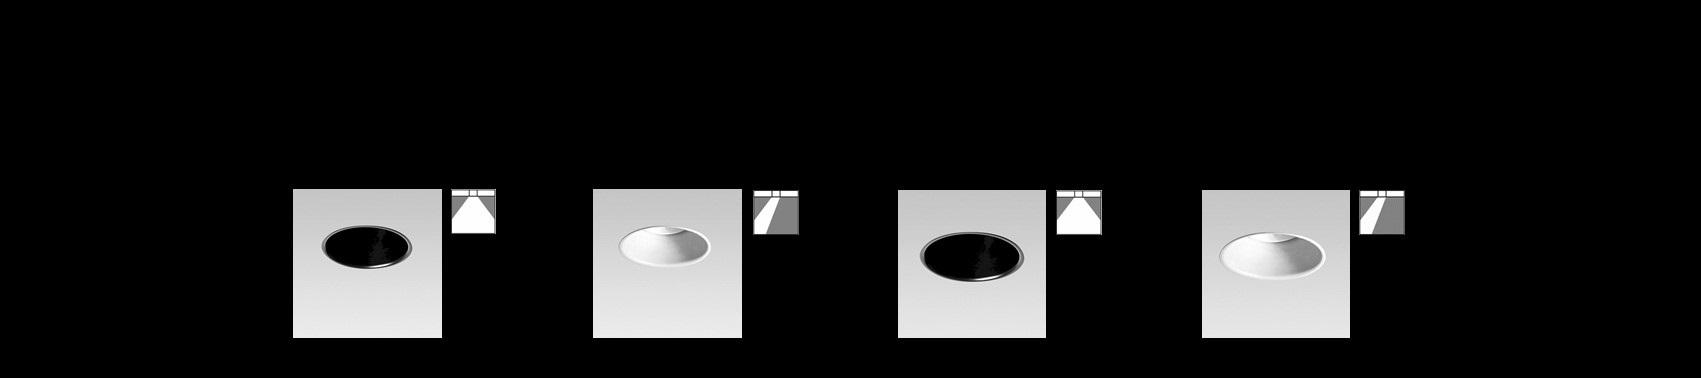 12.afb-header-lucent-lighting-less-trim-zwart-website